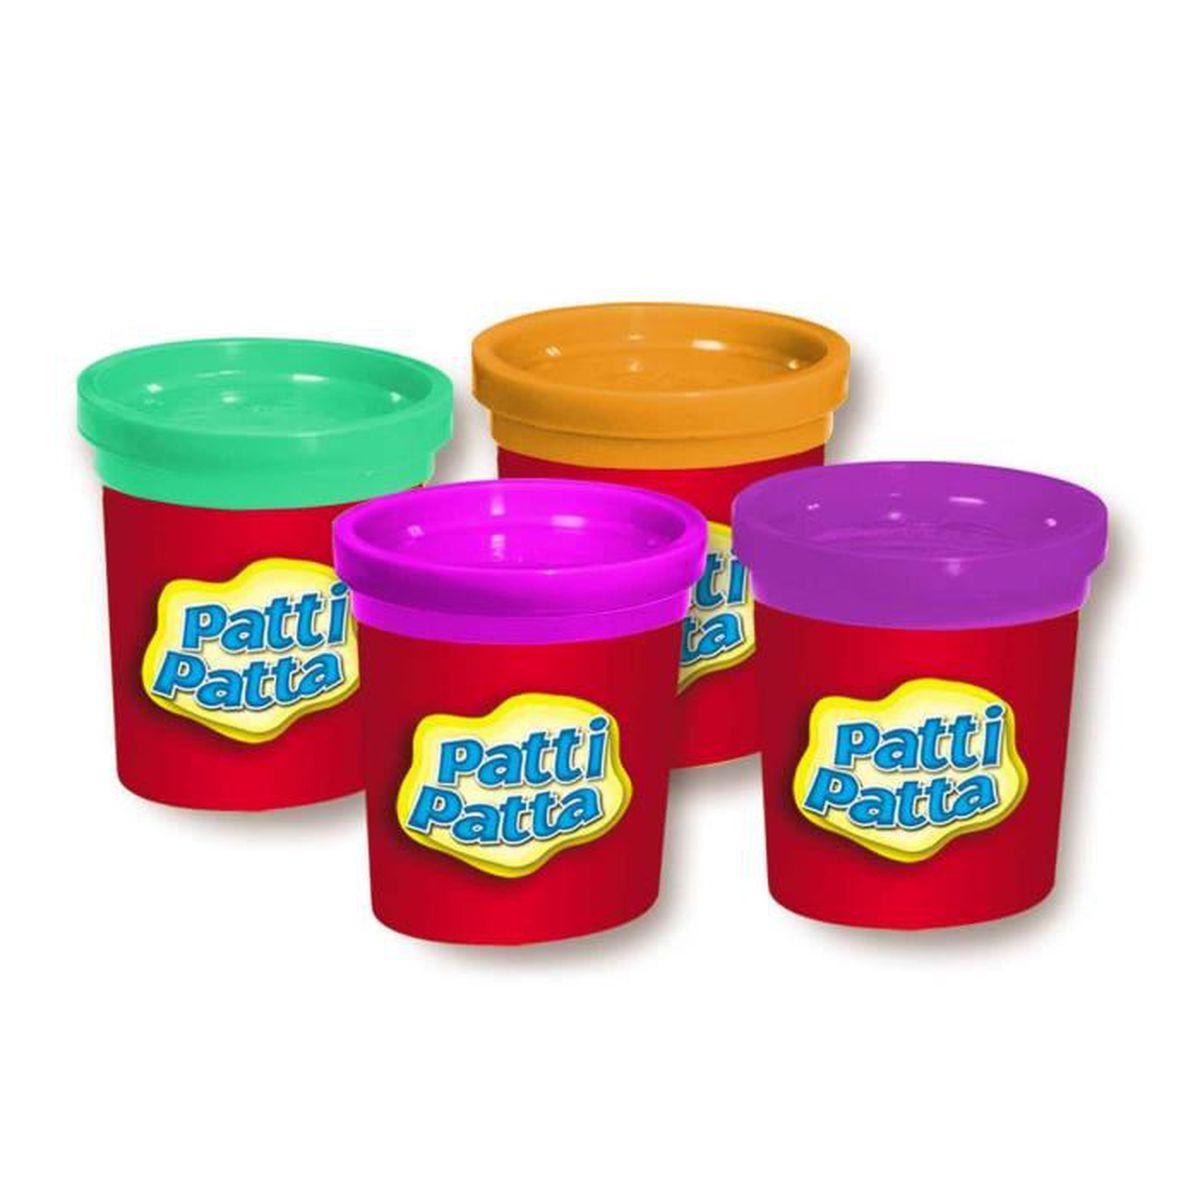 Pâte à Modeler Patti Patta 4 Pots Aille Unique Coloris Unique